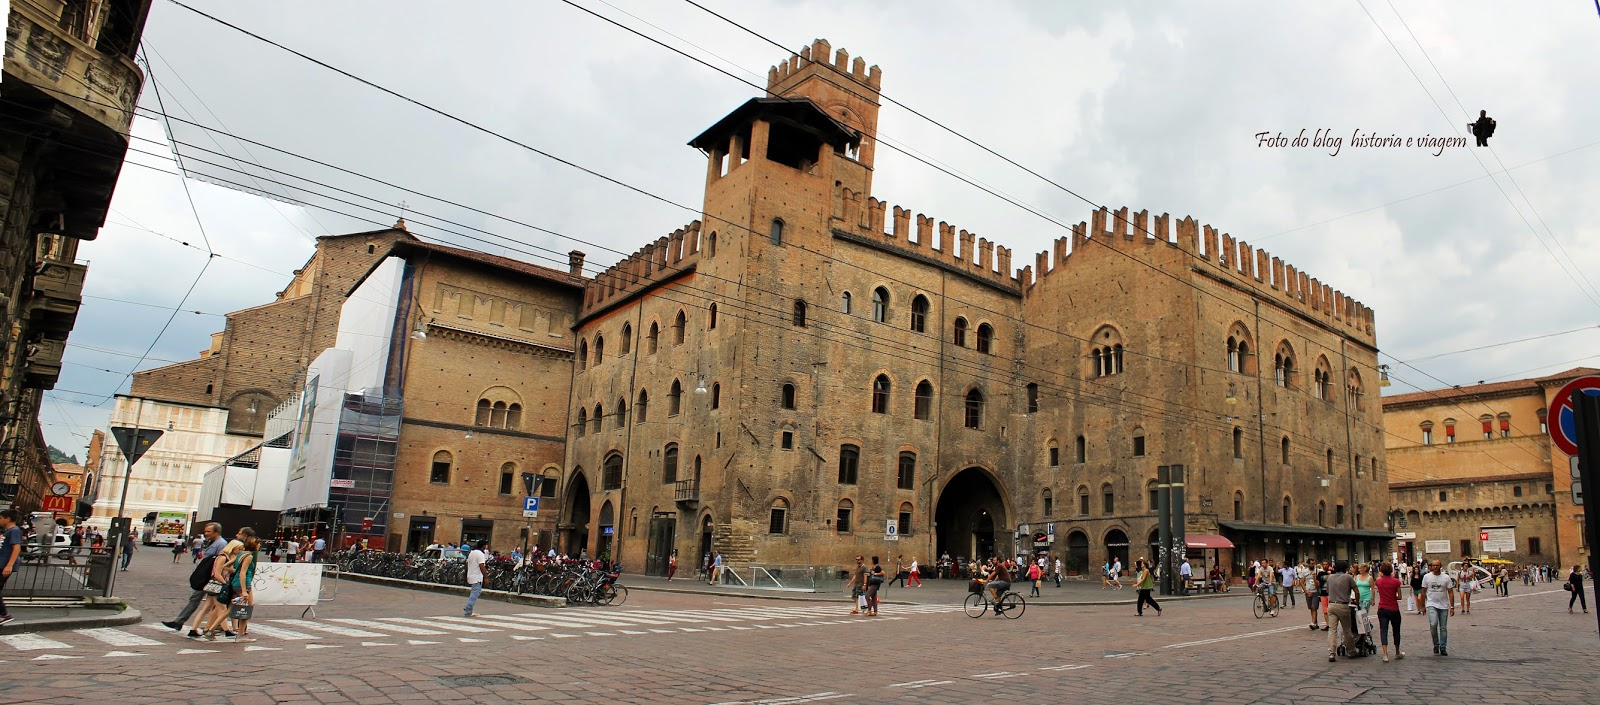 Bolonha - Itália